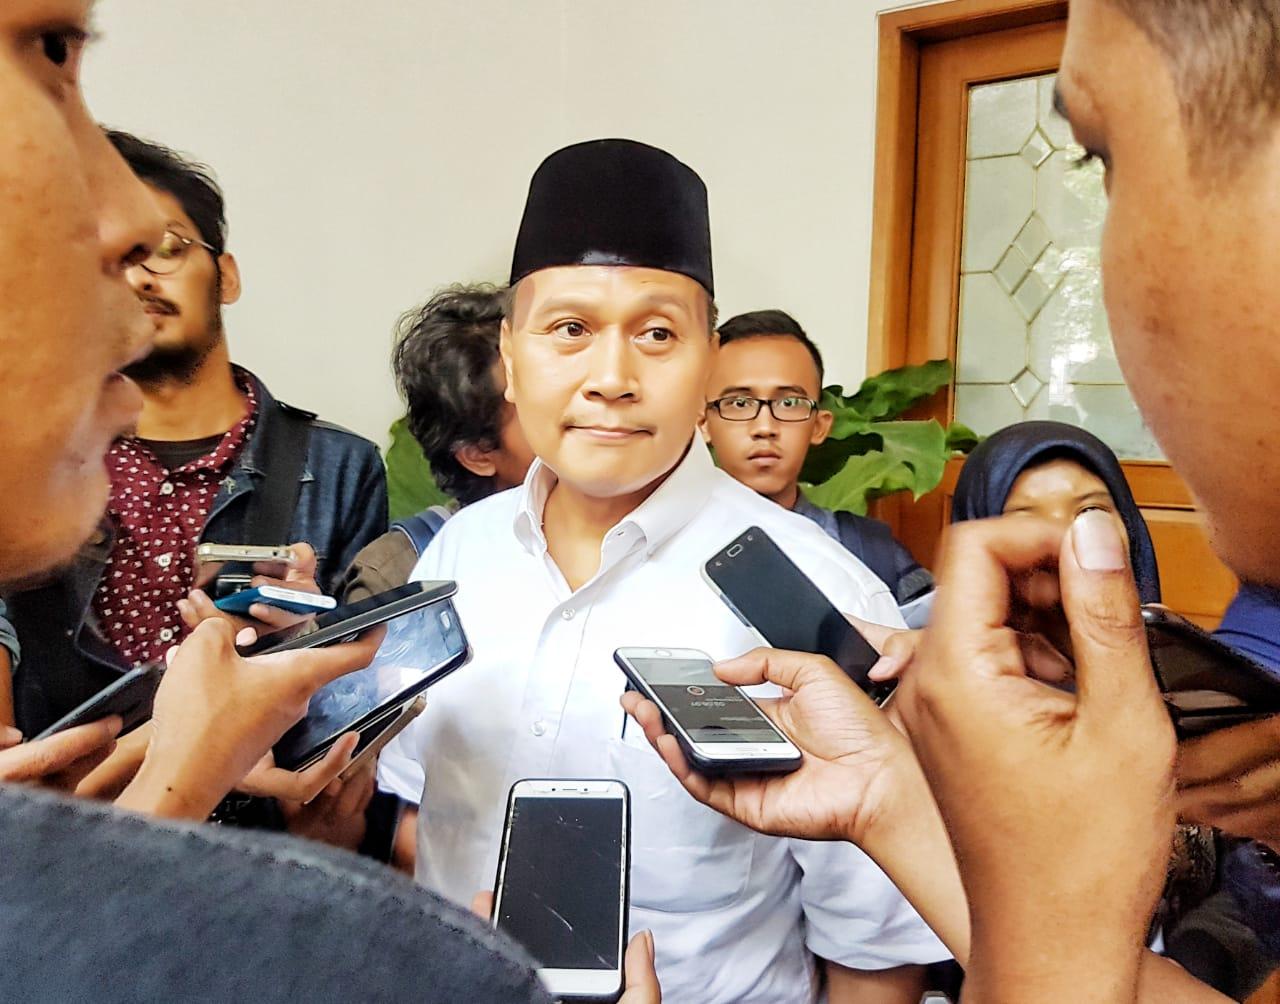 Meski Kalah di Survei, Fakta Ini Buat Prabowo-Sandi Optimis Menang